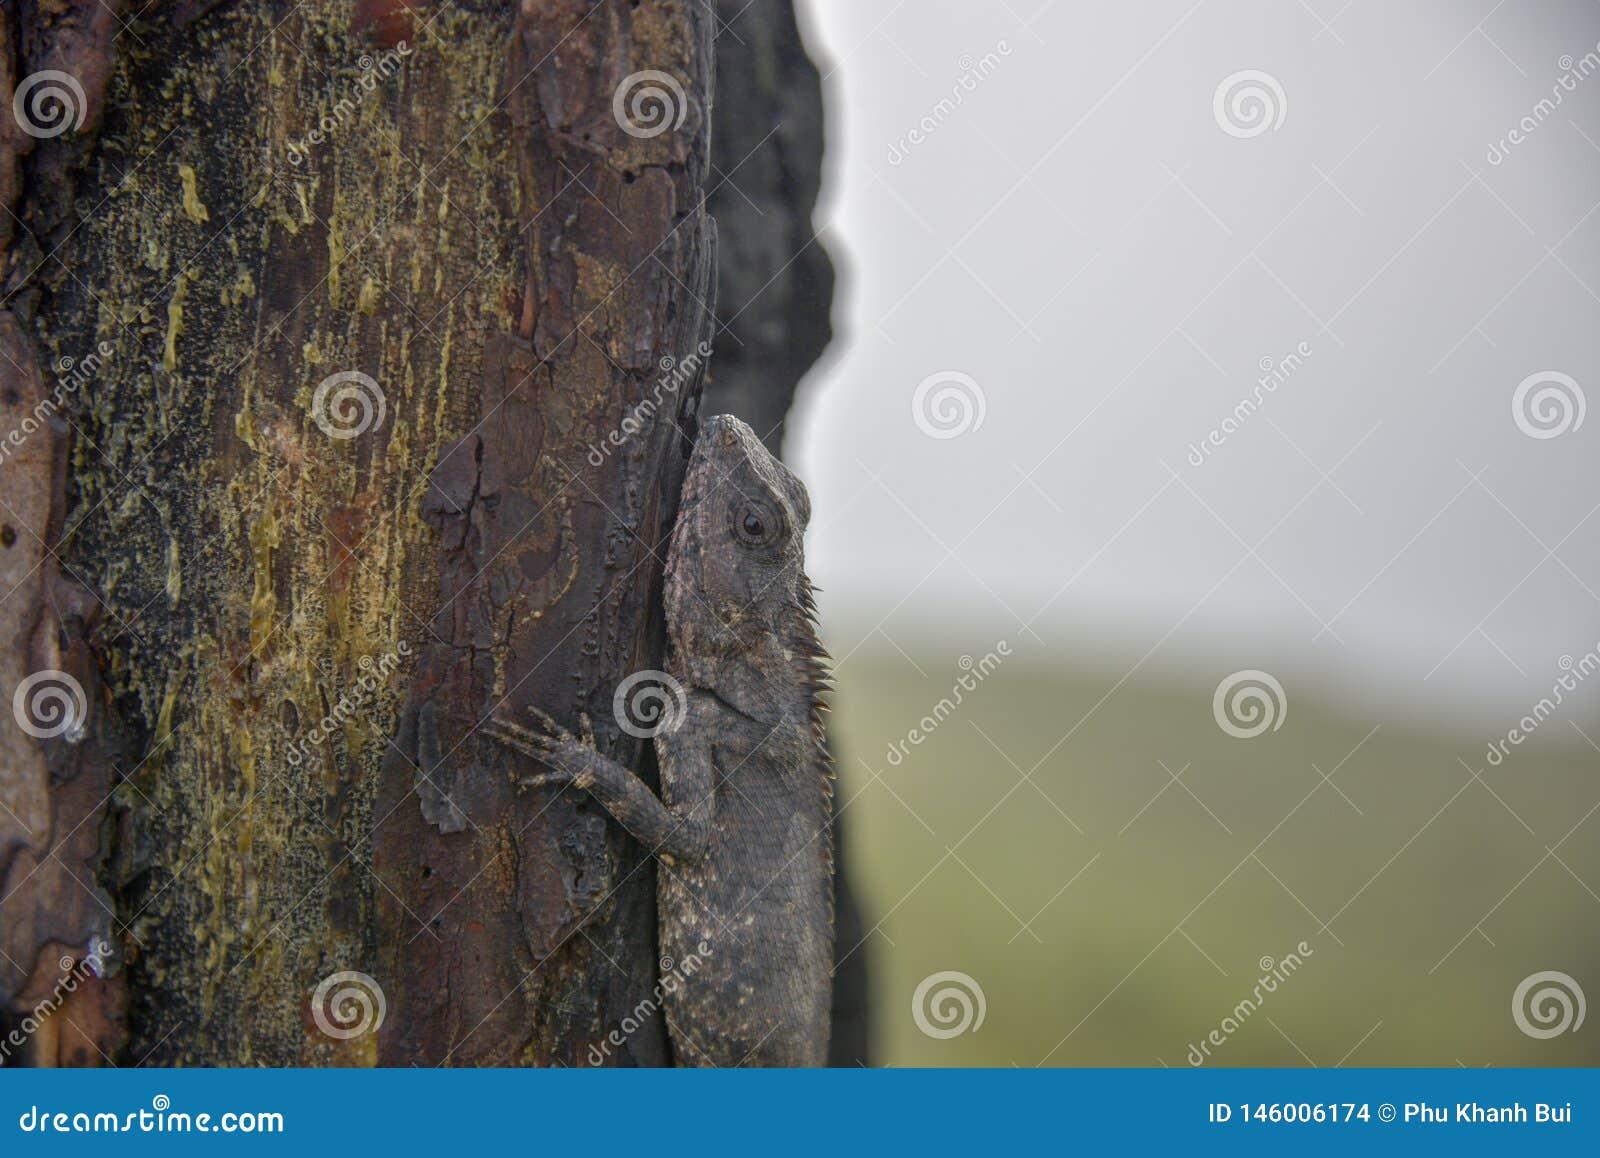 Хамелеоны изменяют цвет на, который сгорели части 3 ствола дерева